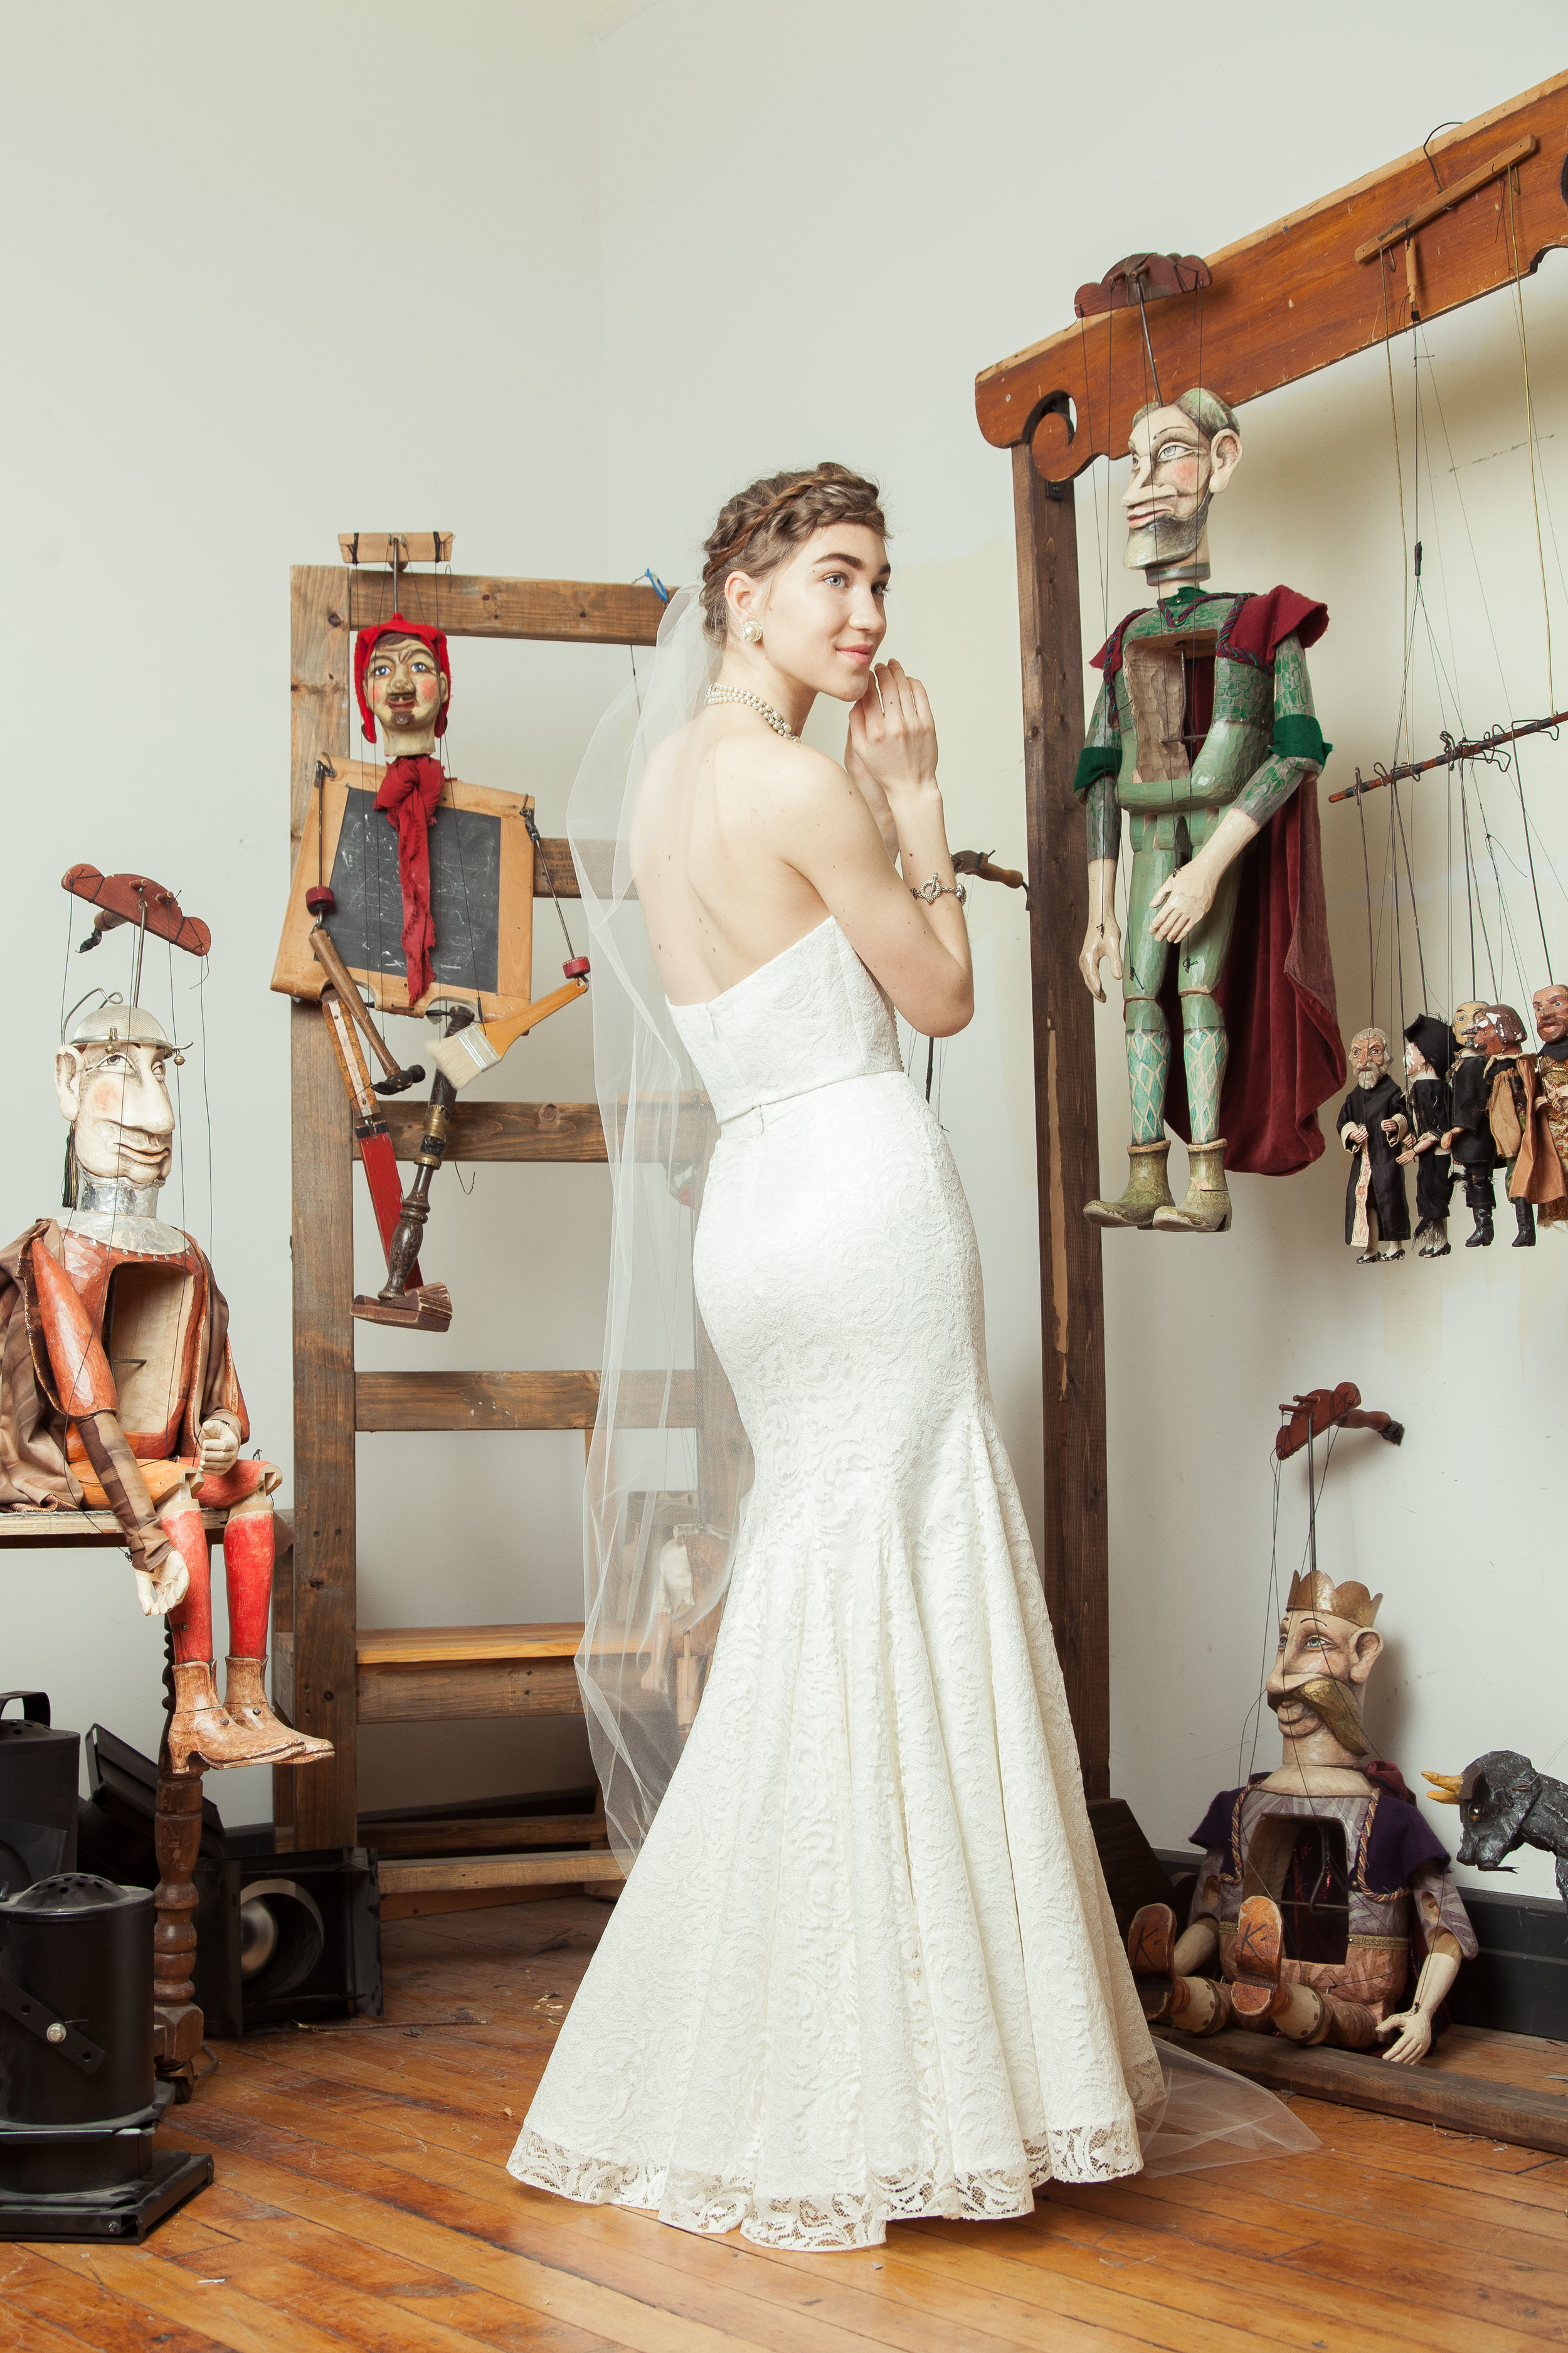 Zabawka top with Mazurka skirt